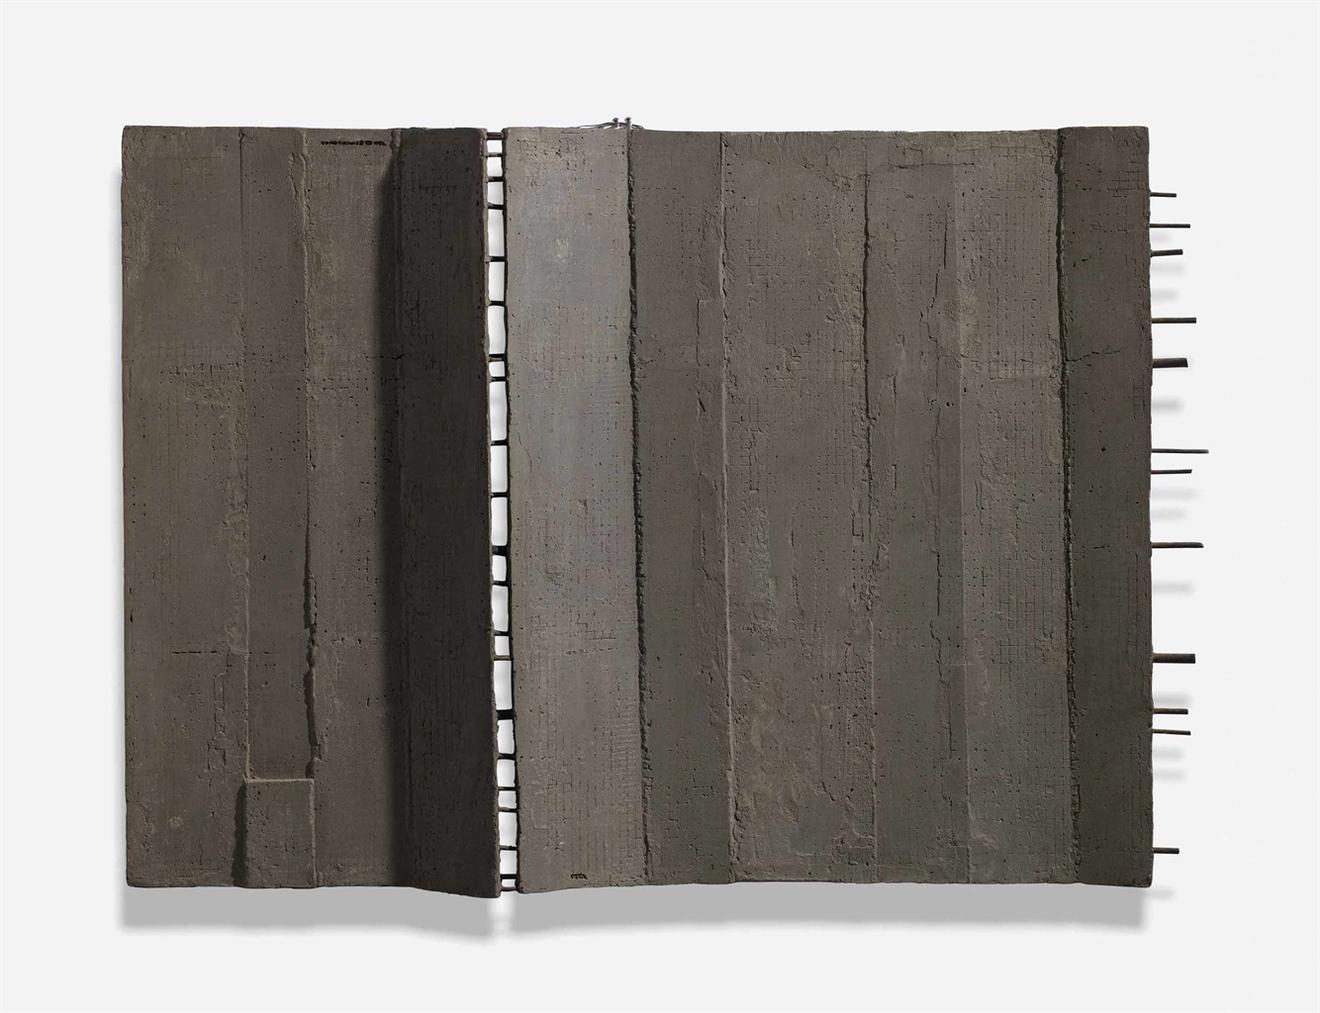 Giuseppe Uncini-Cementarmato-1961